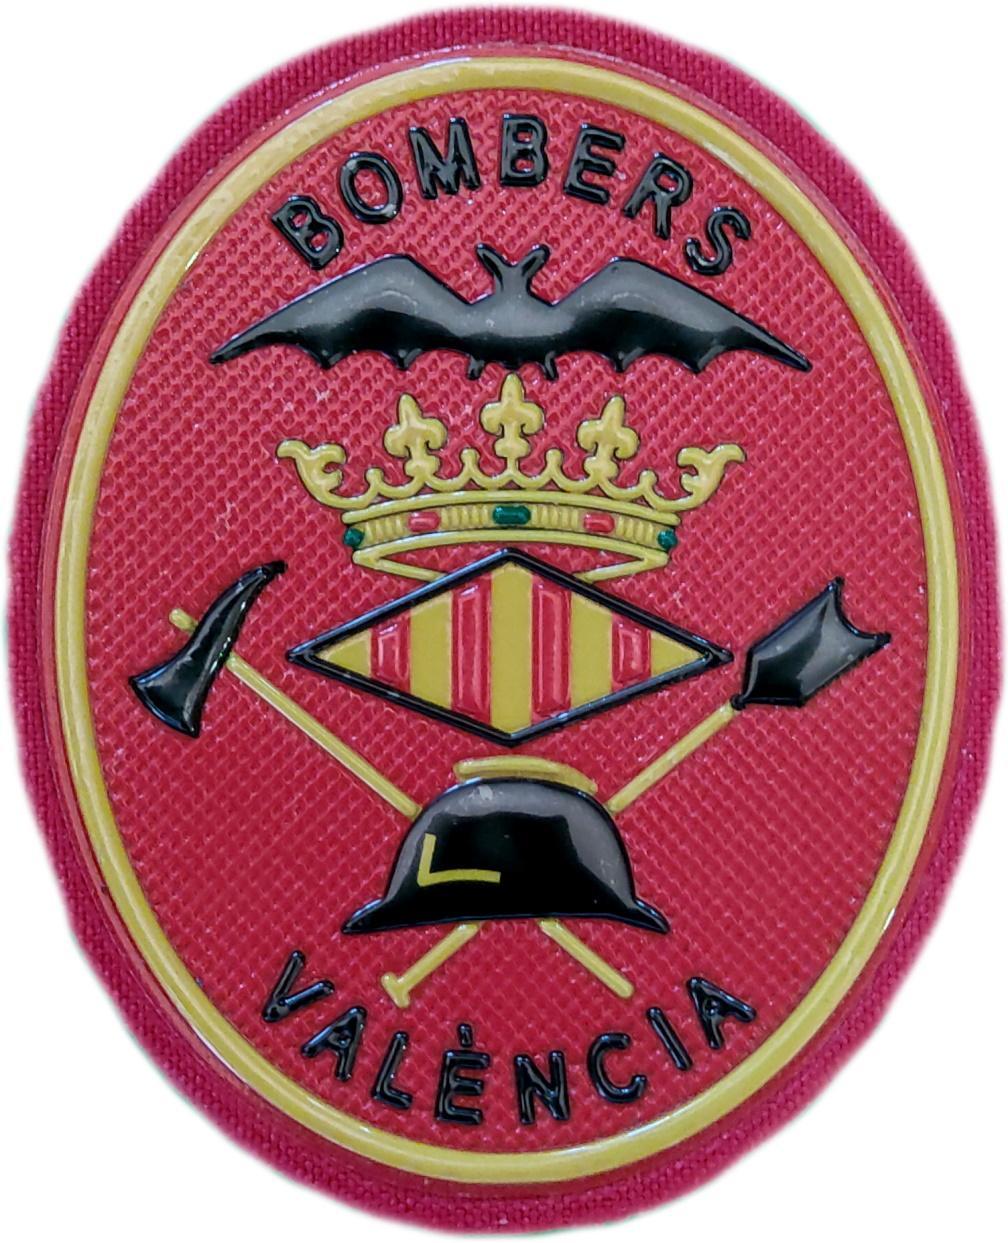 Bomberos de la ciudad de Valencia parche insignia emblema distintivo